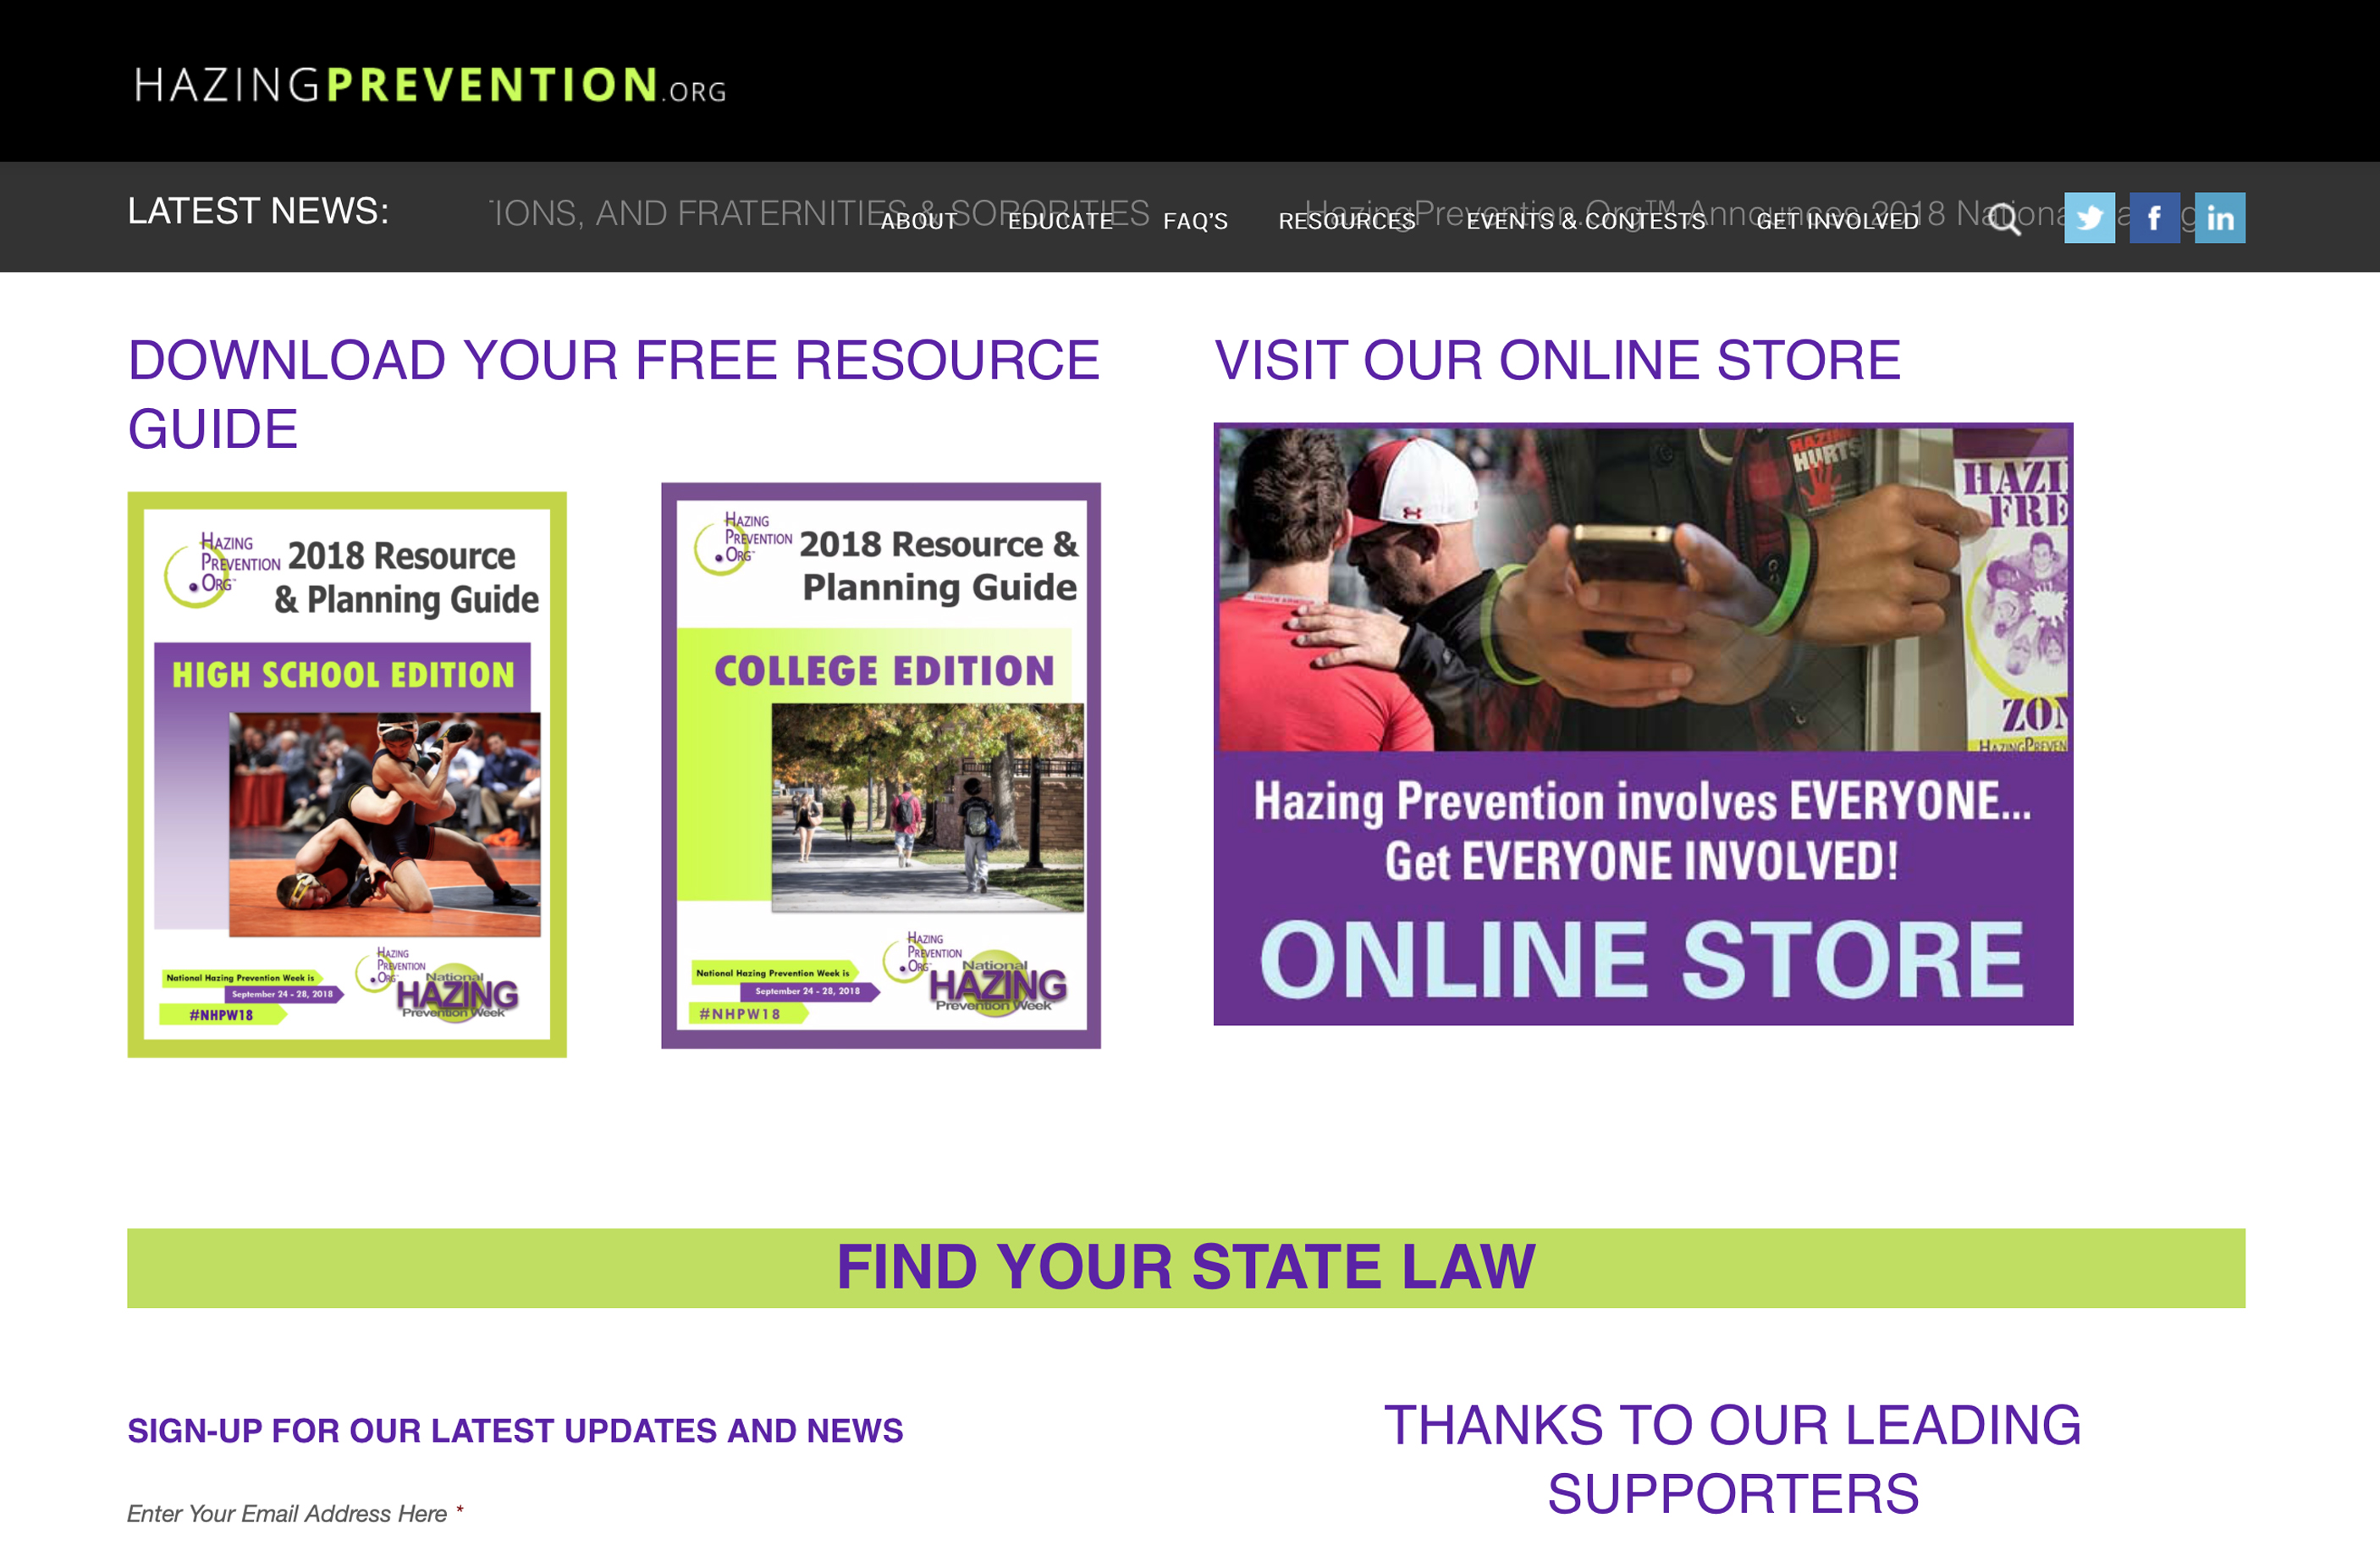 HazingPrevention.org